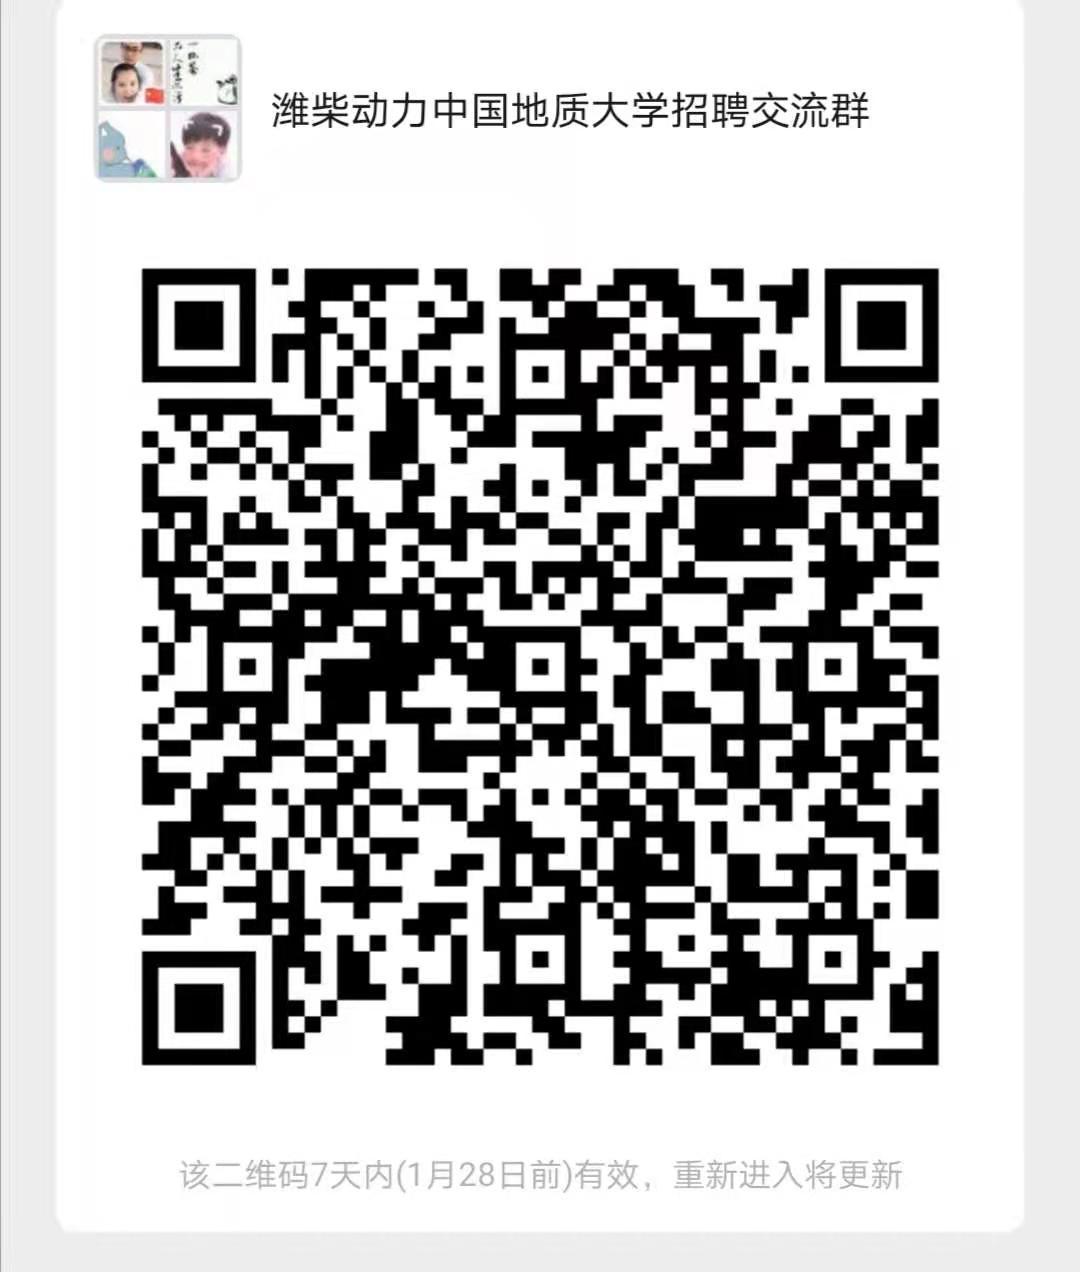 微信图片_20210121103733.jpg